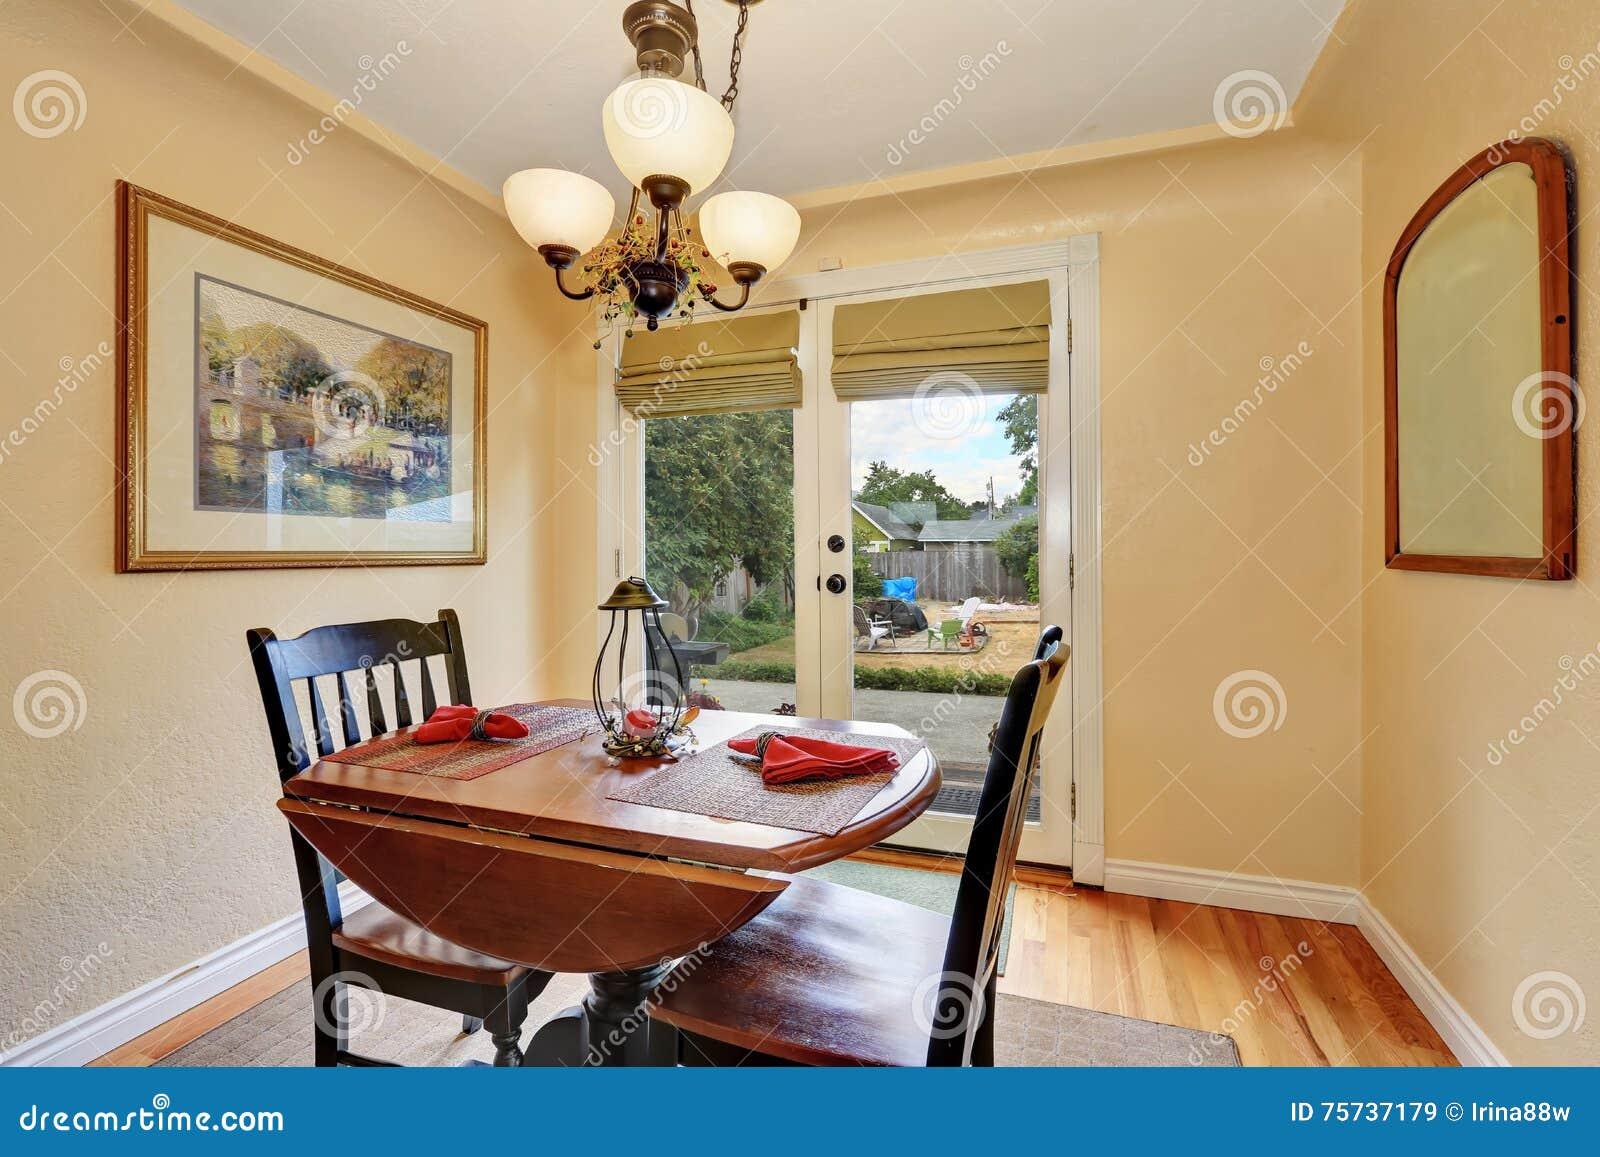 Kleine eetkamer in oud amerikaans huis stock afbeelding afbeelding 75737179 - Foto eetkamer ...